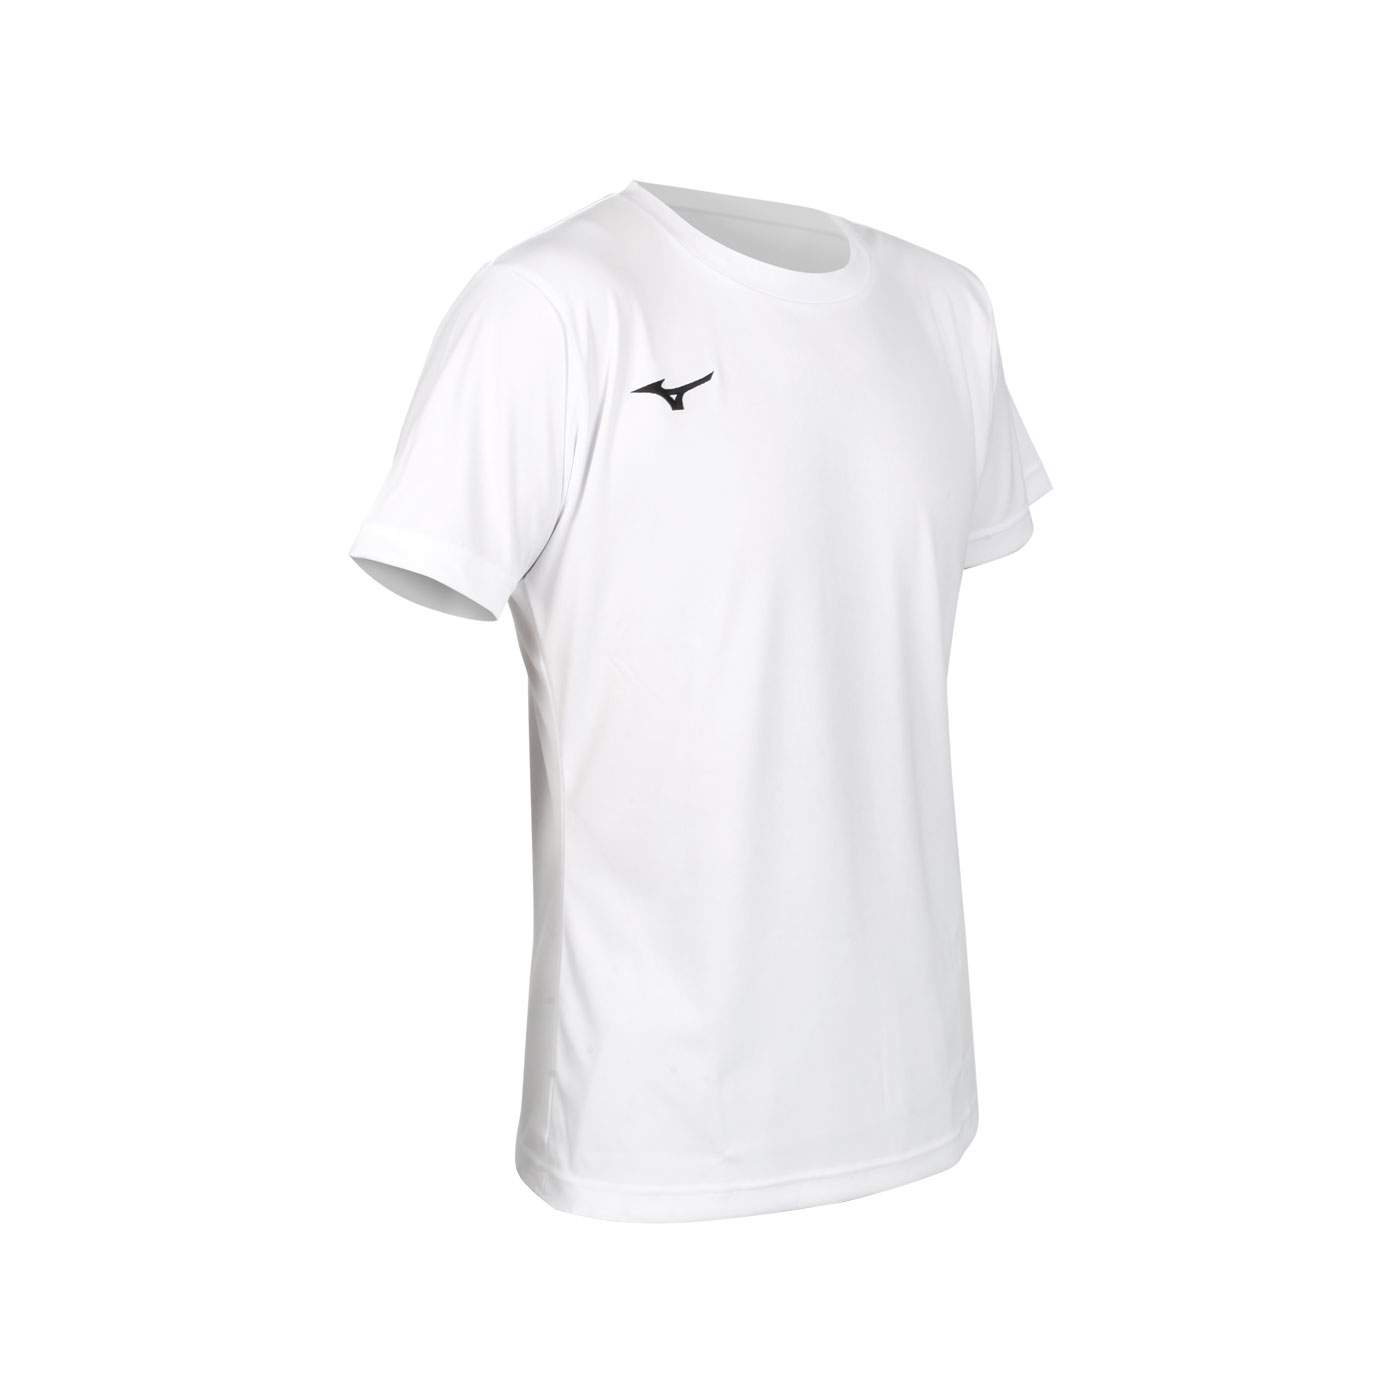 MIZUNO 男款排球短袖T恤 V2TA1G2001 - 白黑灰紅